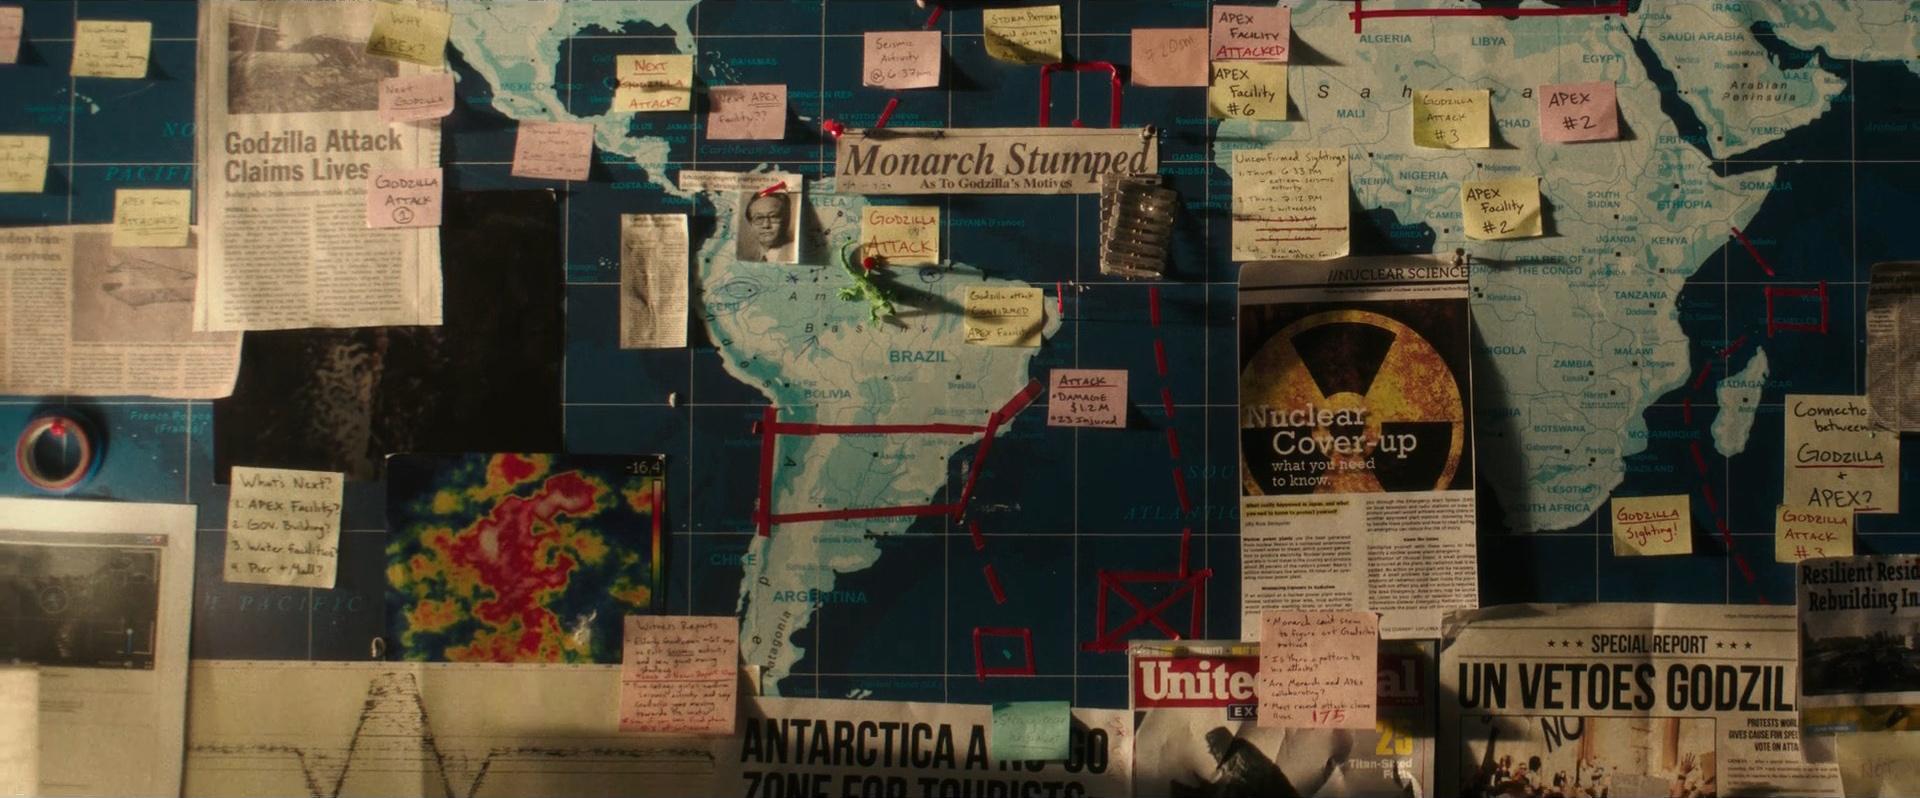 Godzilla vs Kong Trailer Still 55 - Monarch Stumped